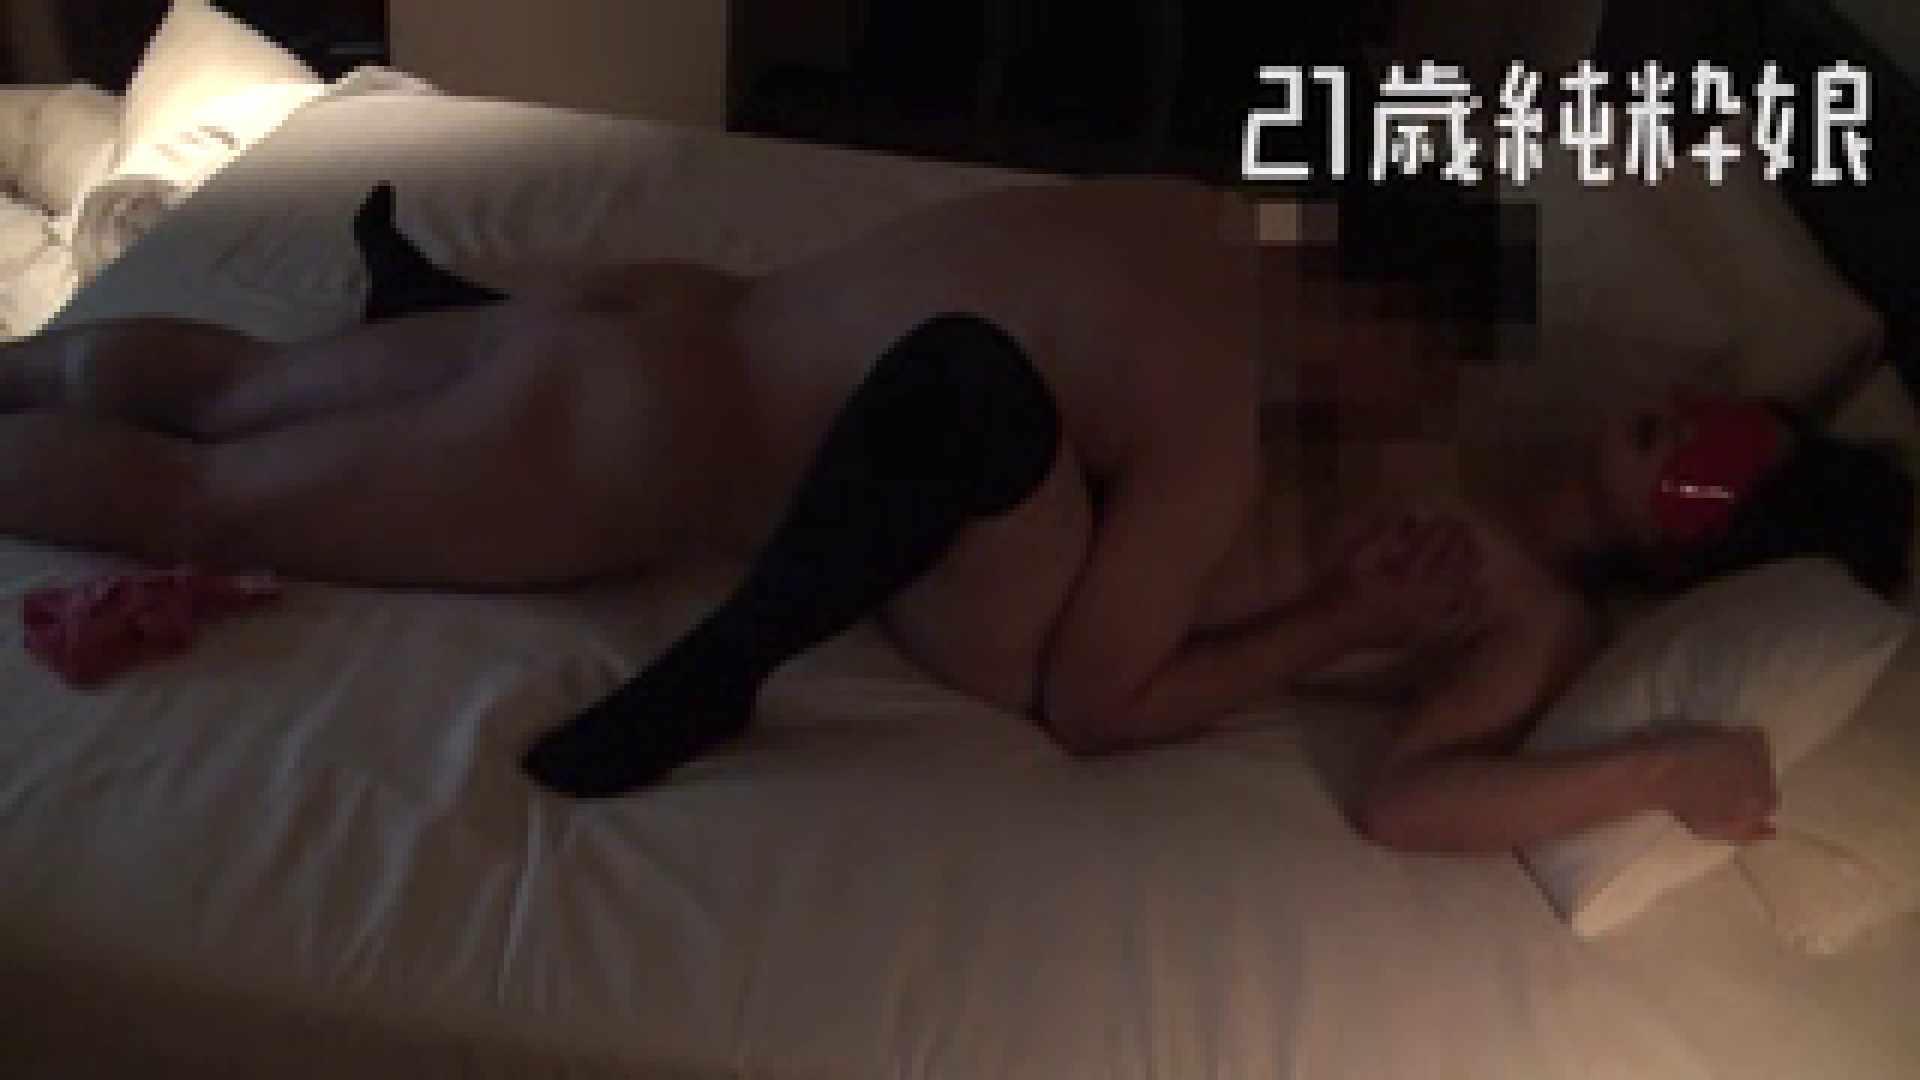 上京したばかりのGカップ21歳純粋嬢を都合の良い女にしてみた4 友人 | ホテル  60連発 39